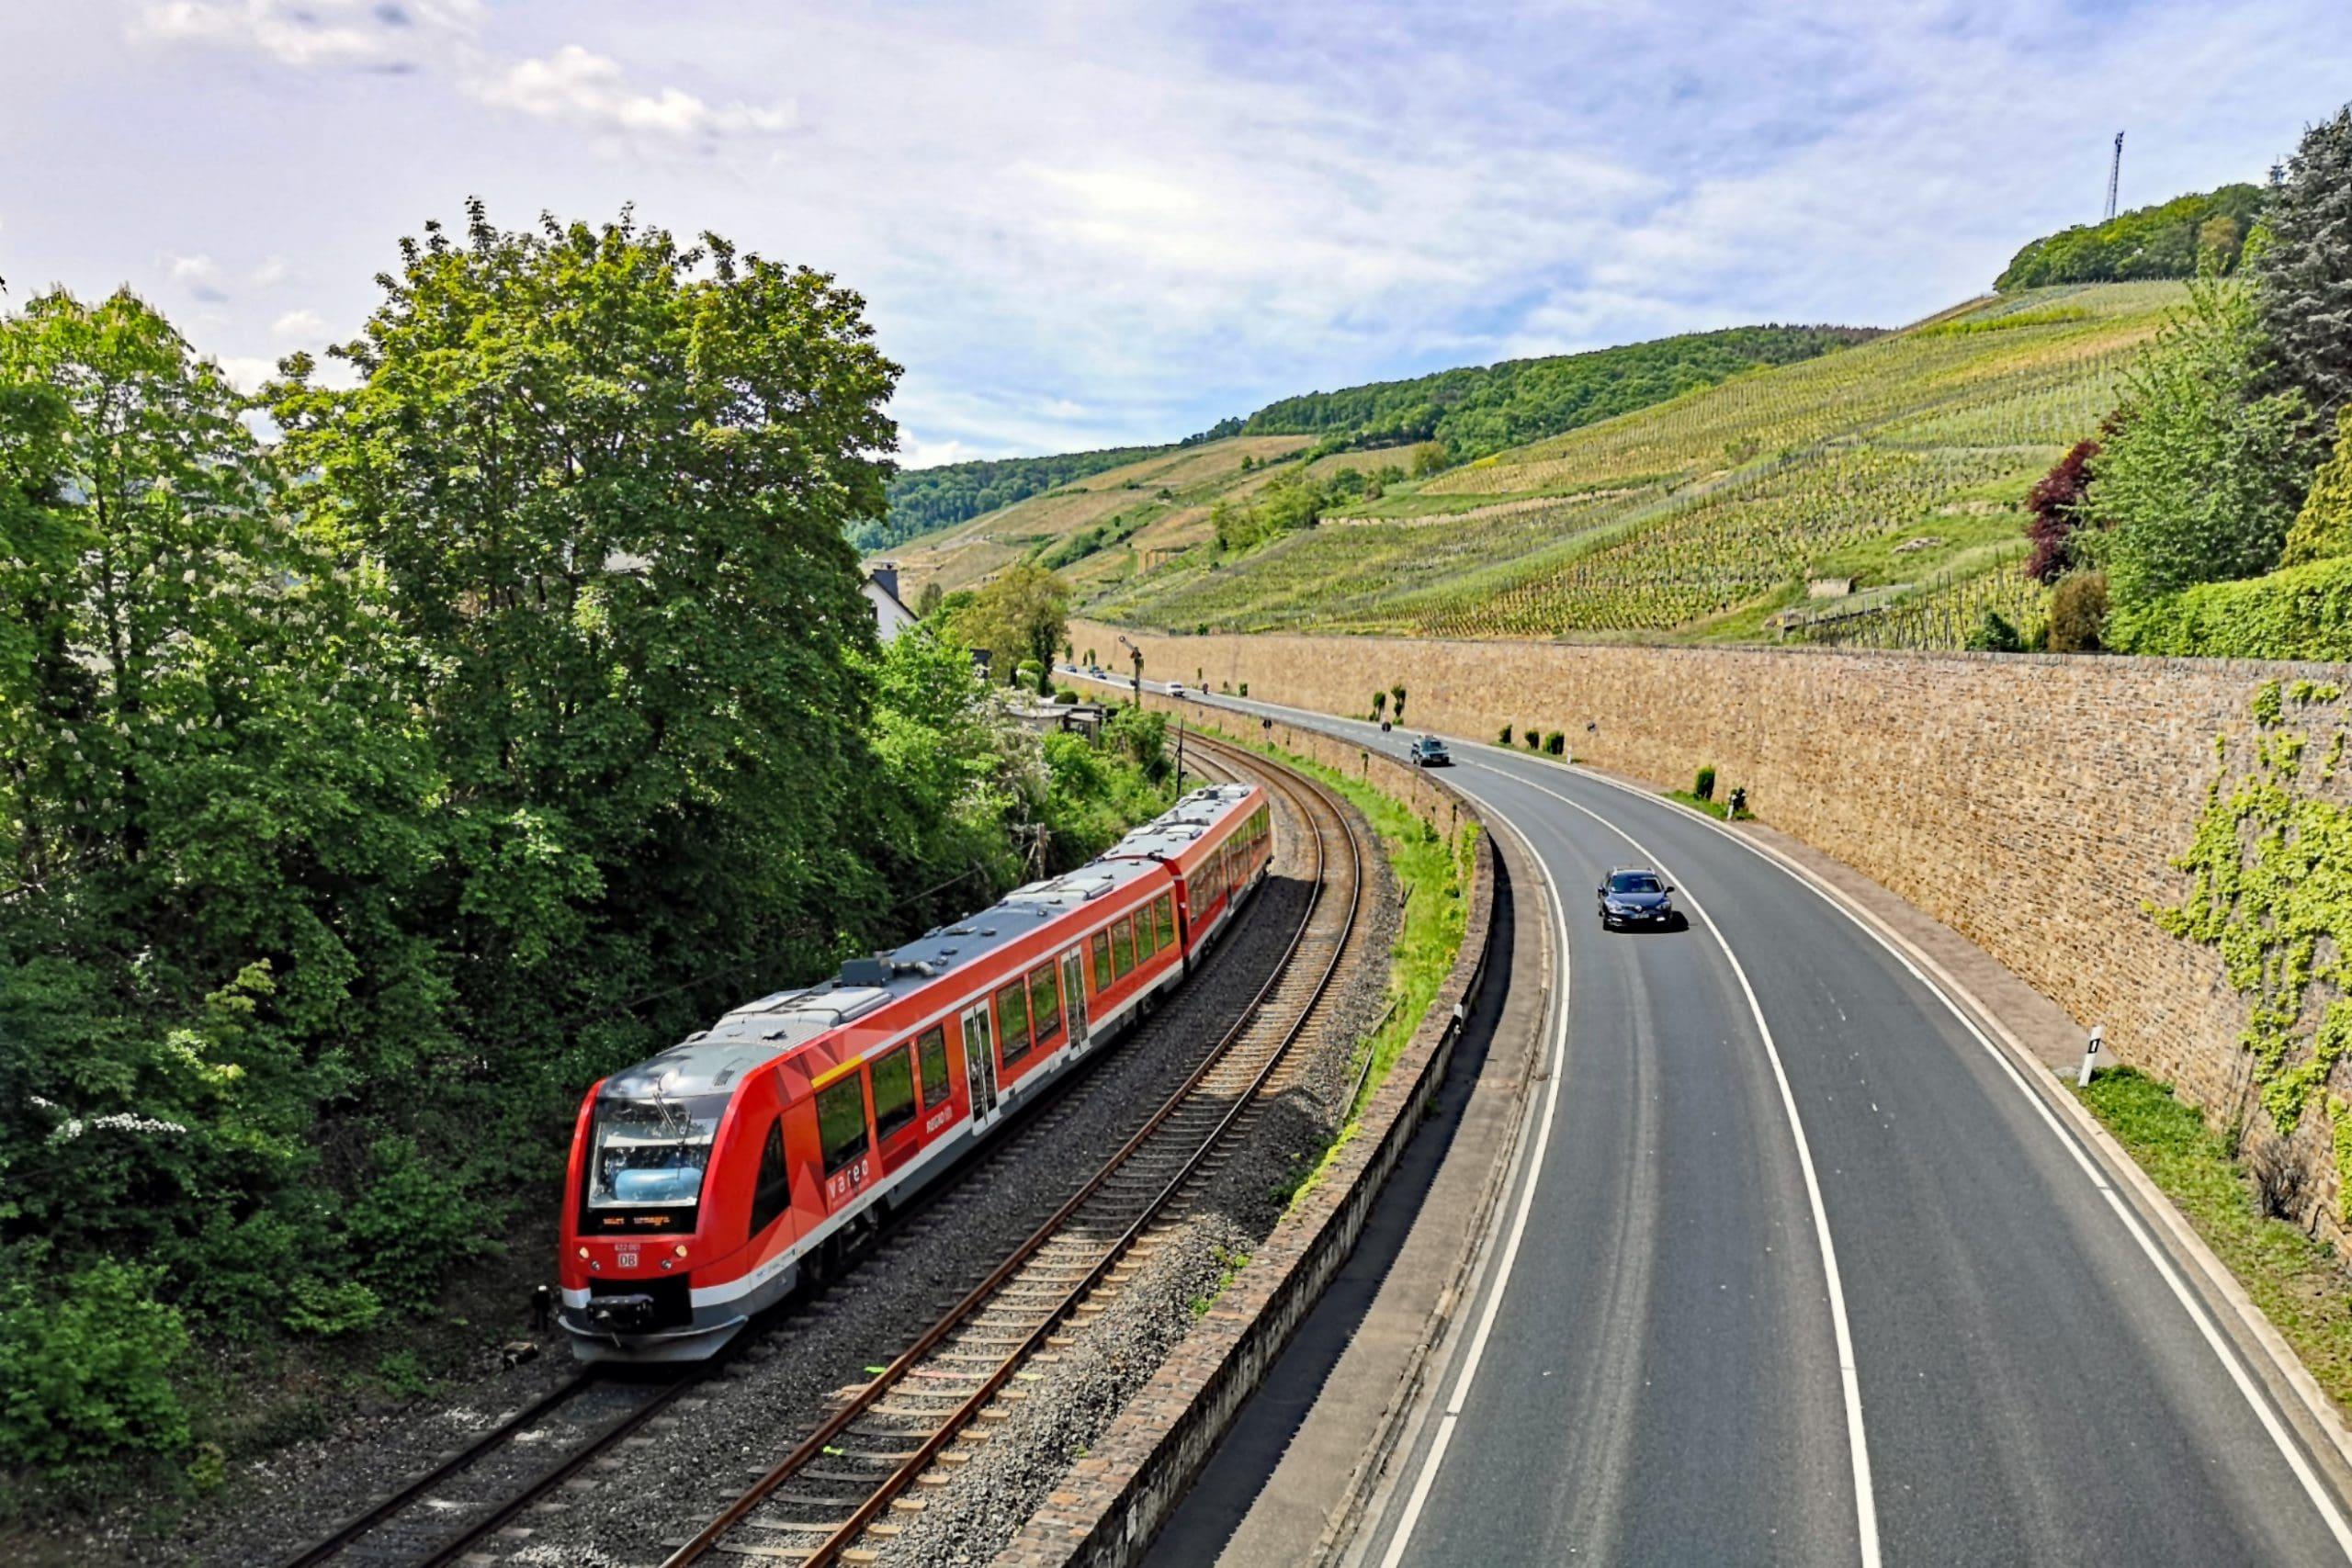 ©Foto: André Rosendahl | railmen | Entlang der Weinberge: Die Ahrtalbahn zwischen Ahrbrück und Remagen. Hier fährt der Zug von DB Regio gerade an der Altstadt von Ahrweiler vorbei.